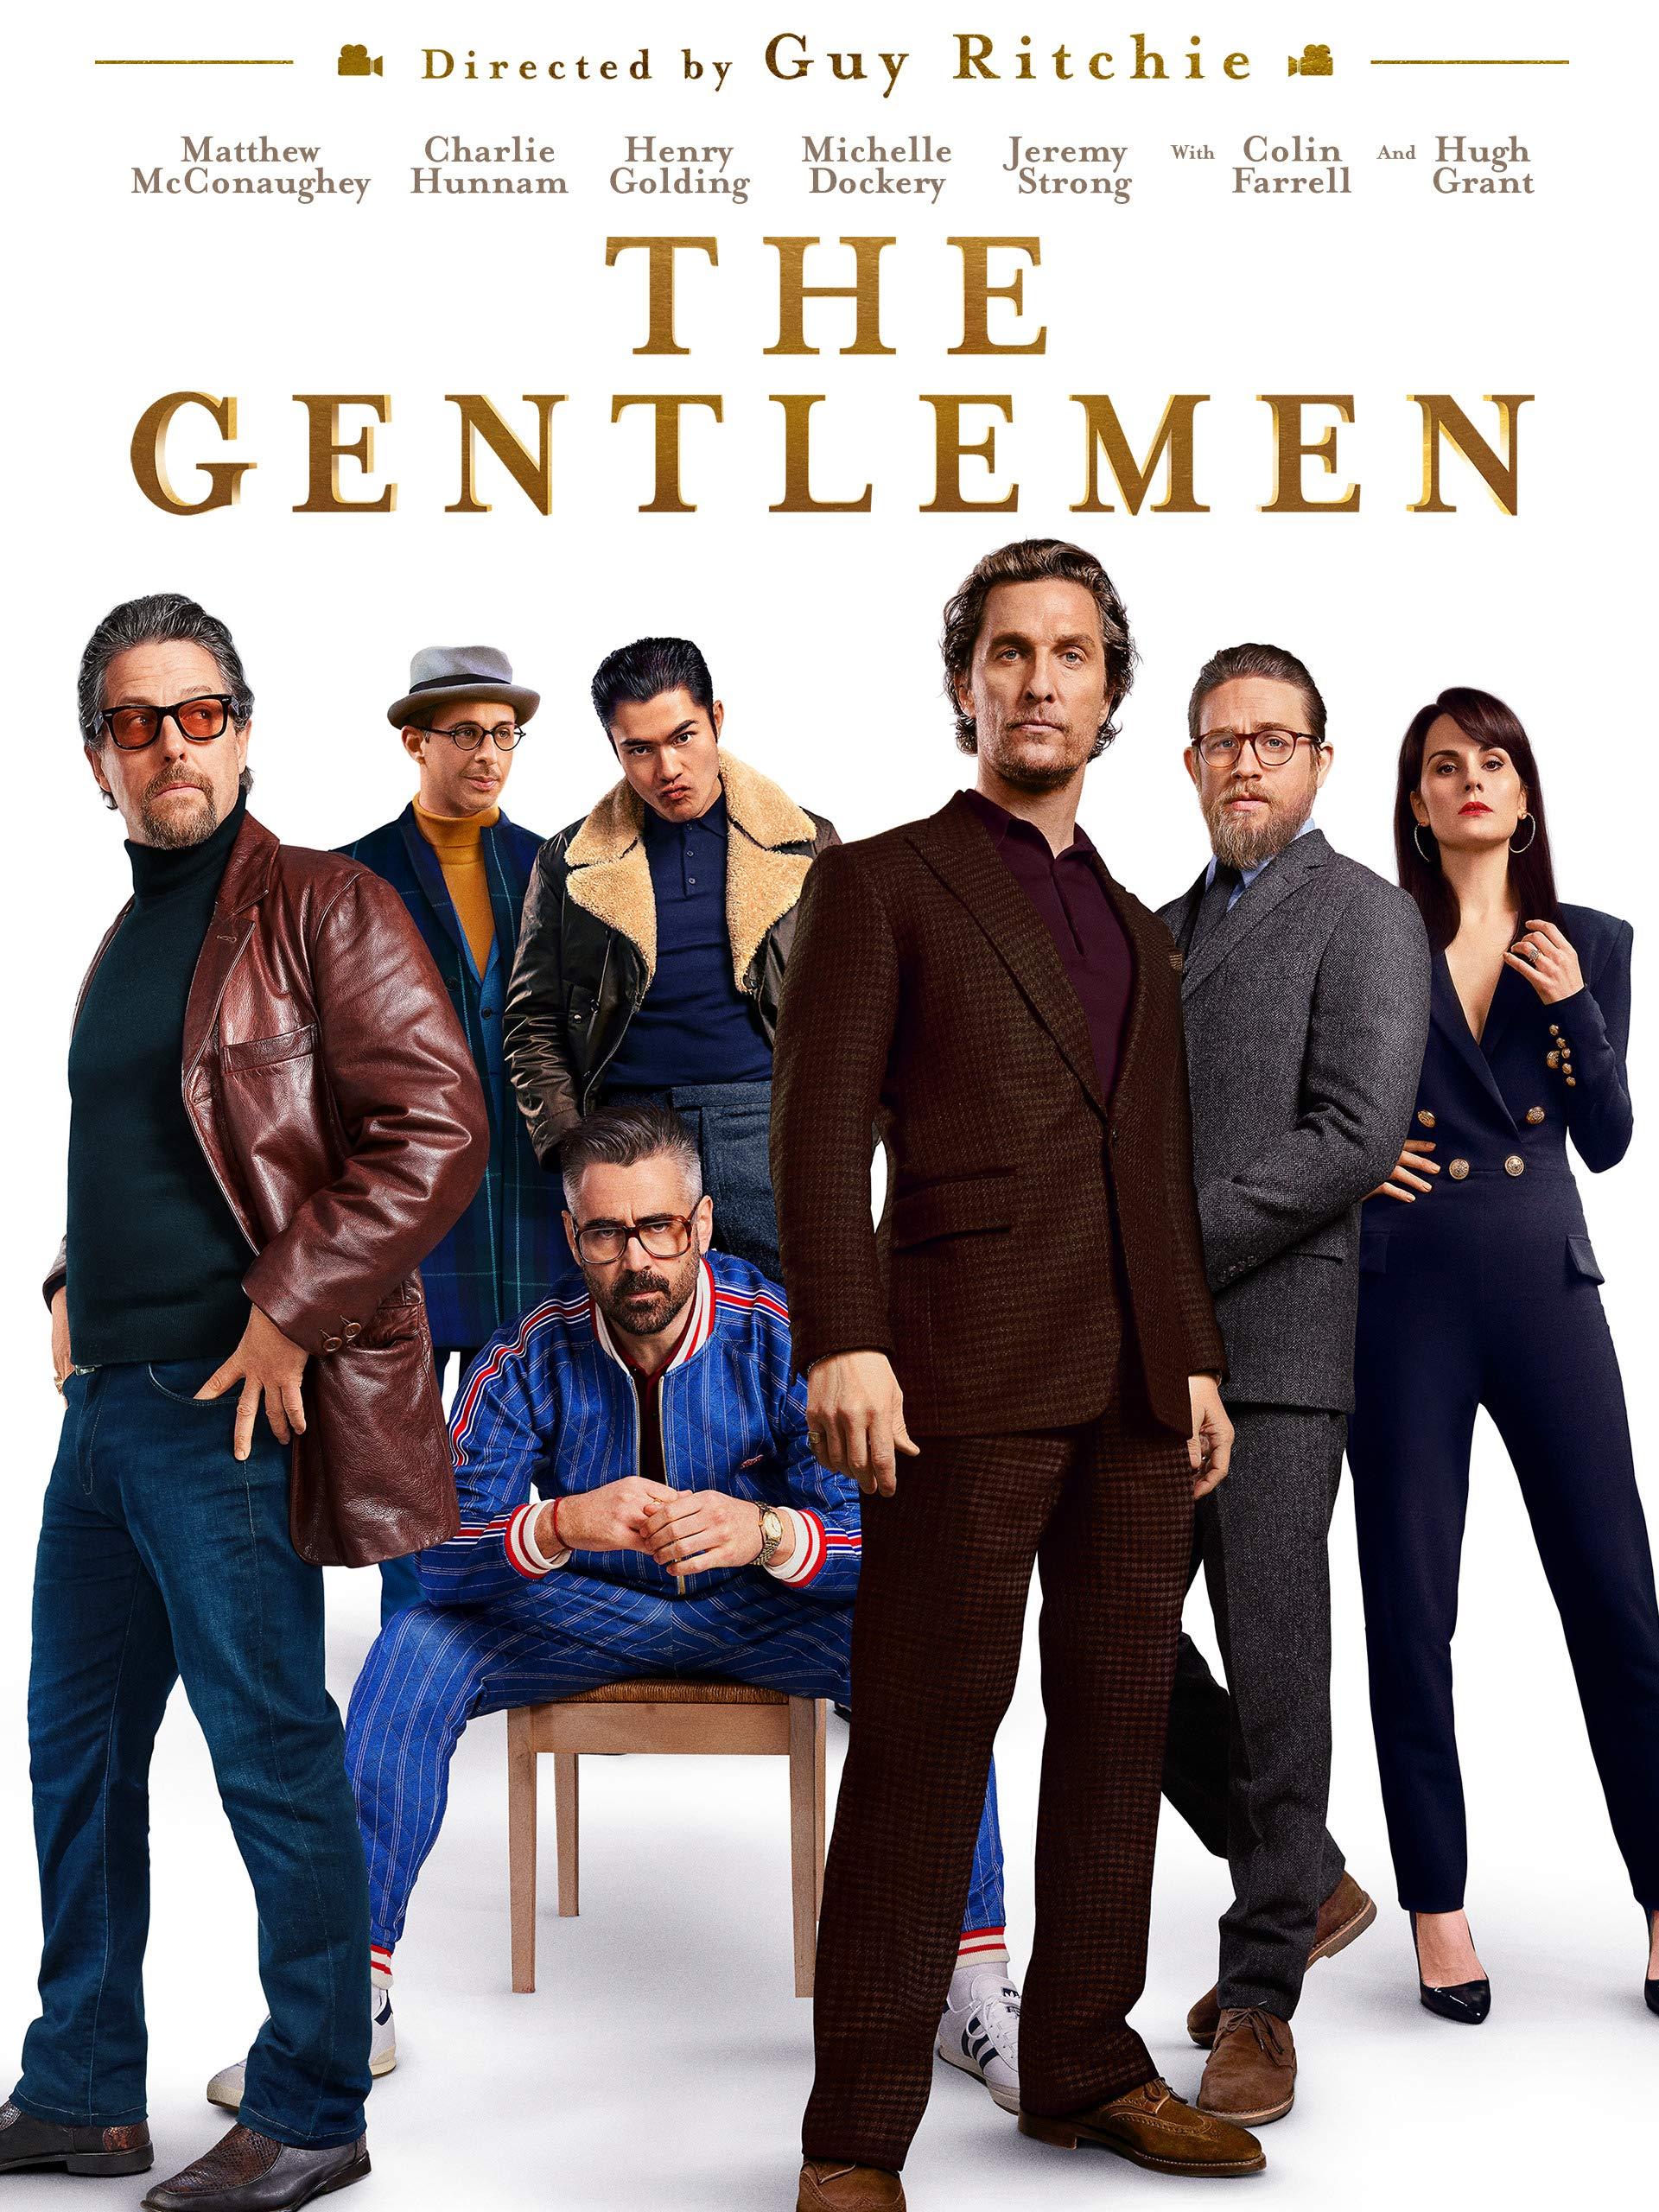 The Gentlemen movie image